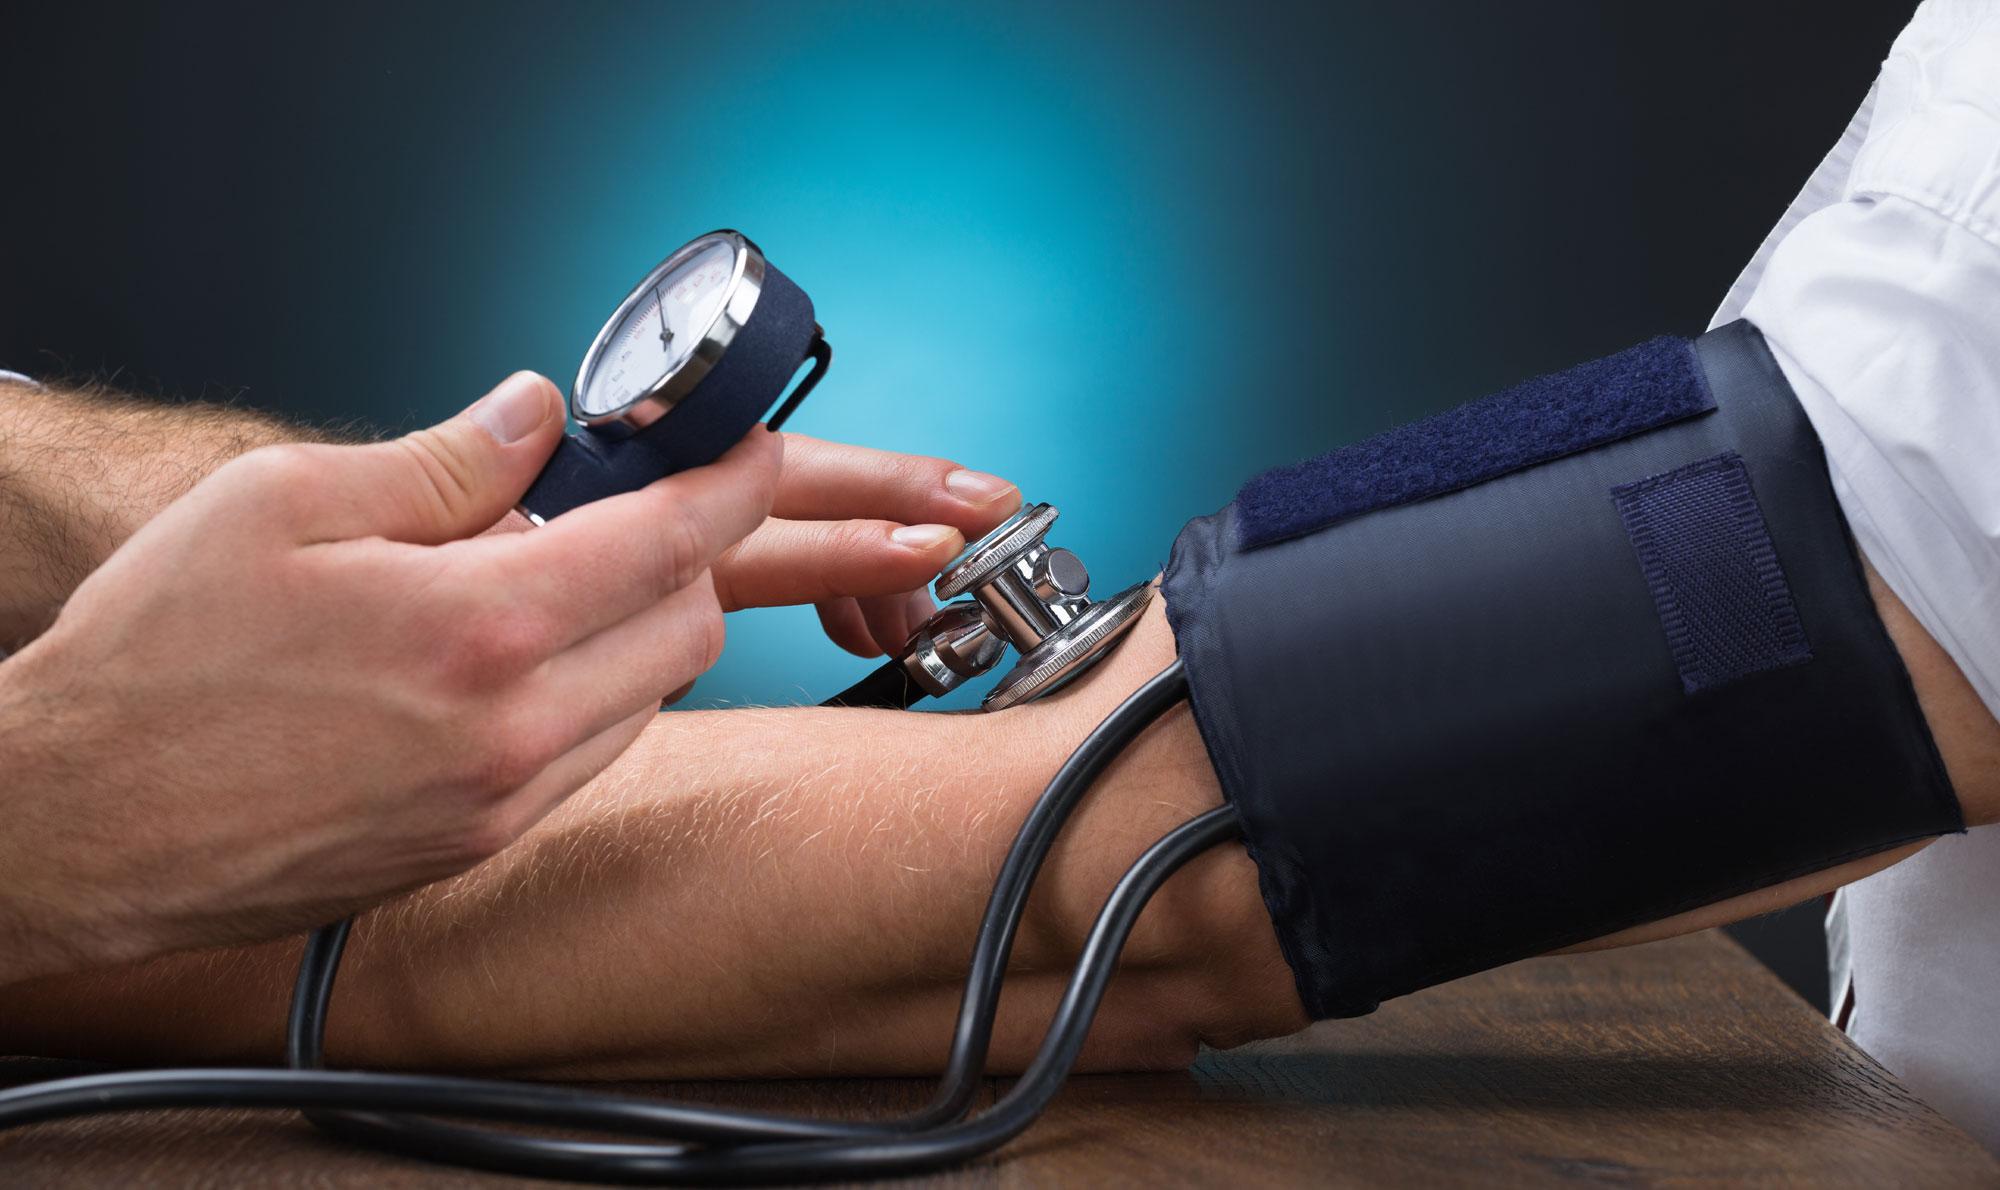 Povišeni krvni tlak (hipertenzija) kod sportaša